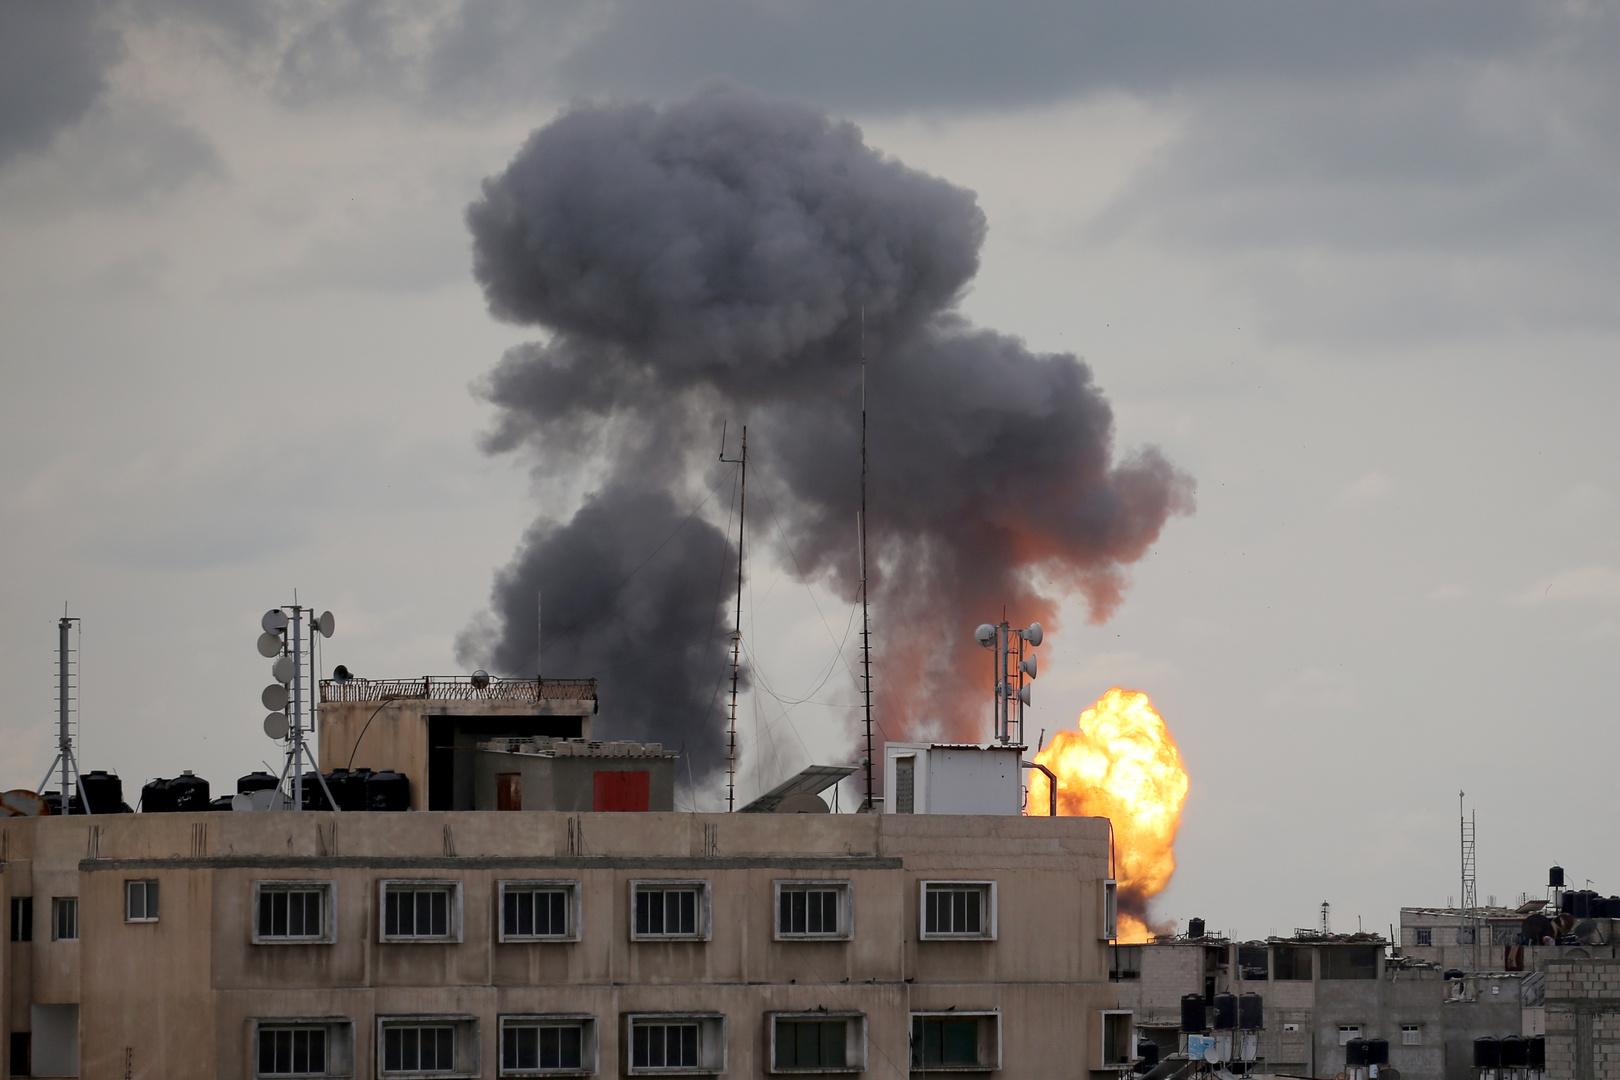 مراسلتنا: غارات إسرائيلية على أهداف تابعة لحركة